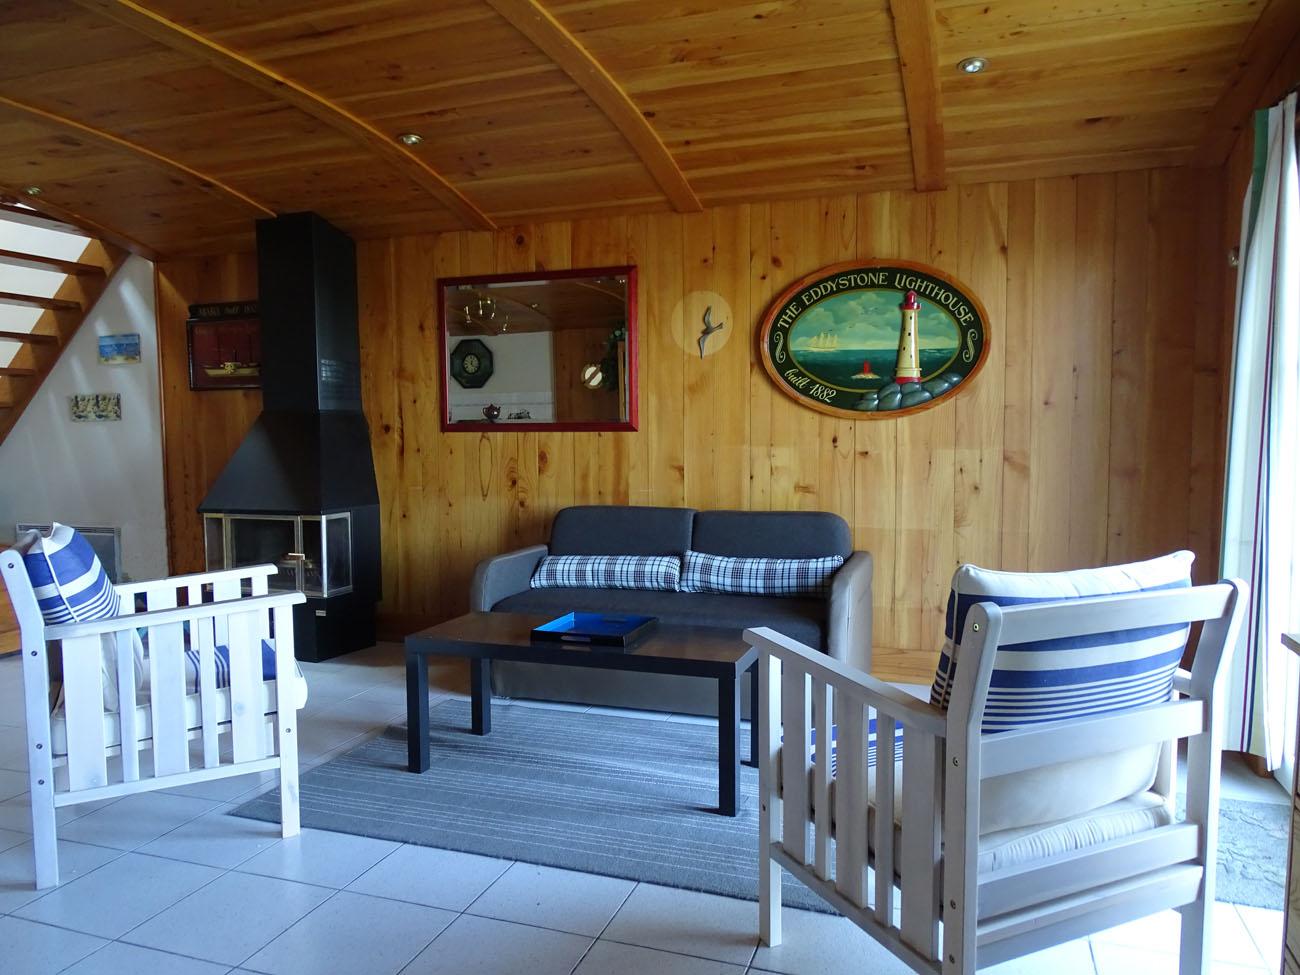 Location Maison Ile de Ré - Trémière -Salon